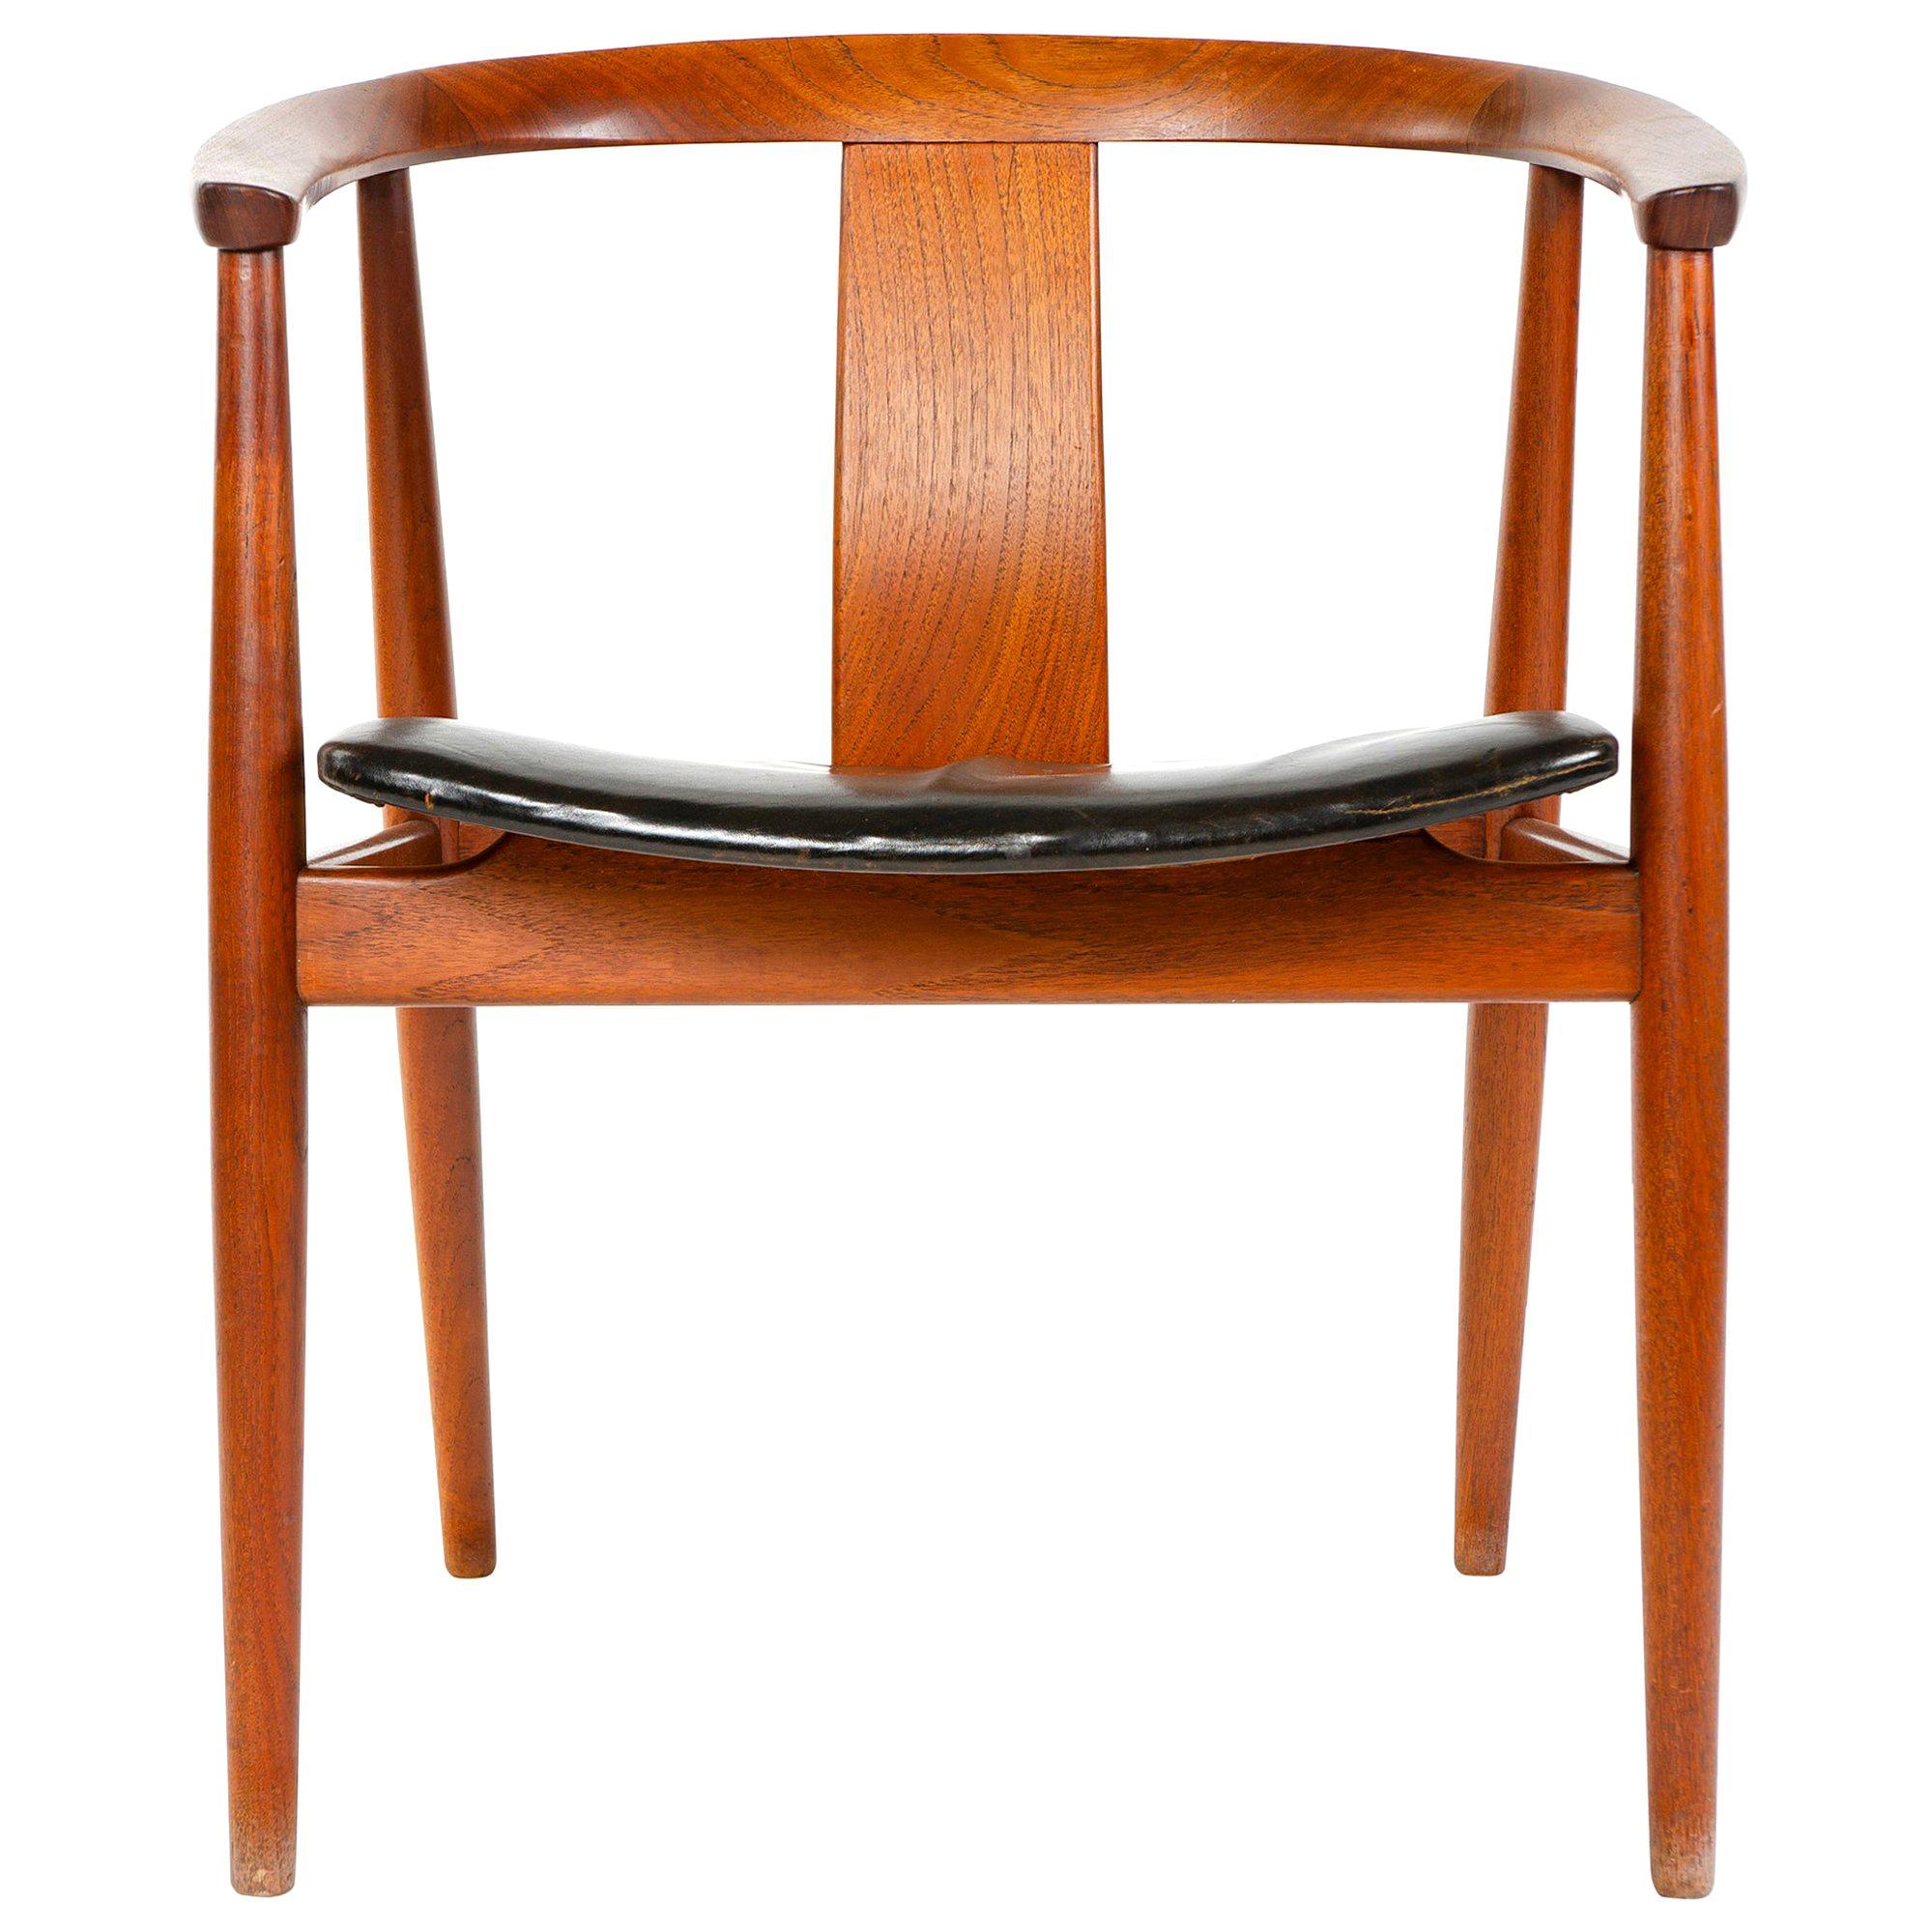 Teak Side Chair by Tove & Edvard Kindt-Larsen